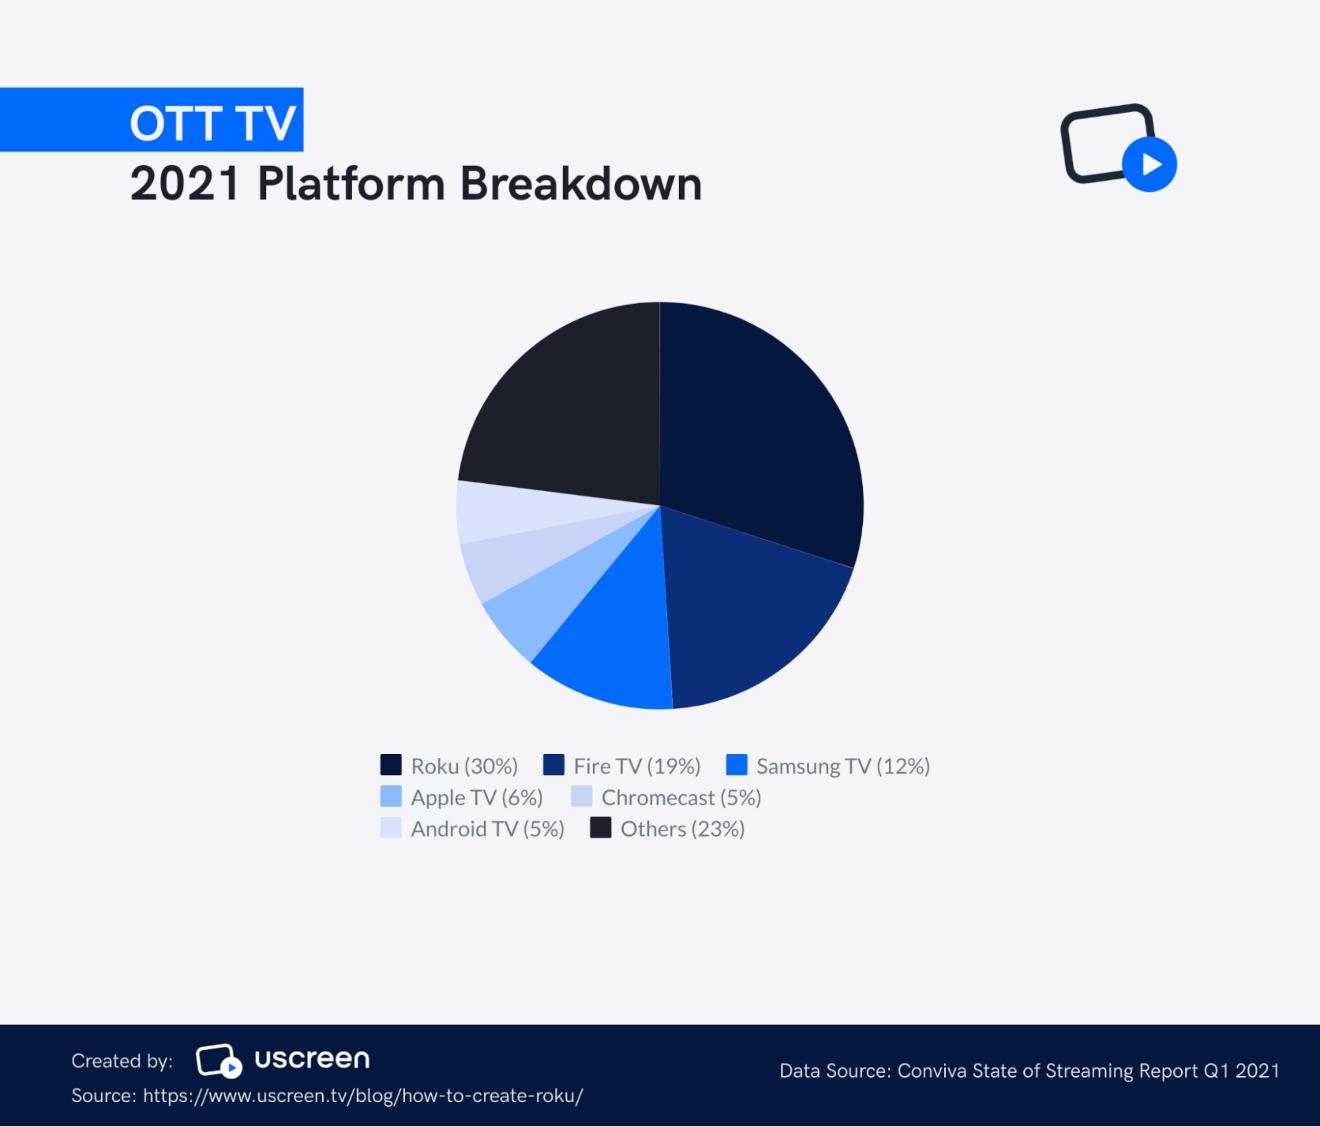 uscreen ott tv 2021 breakdown